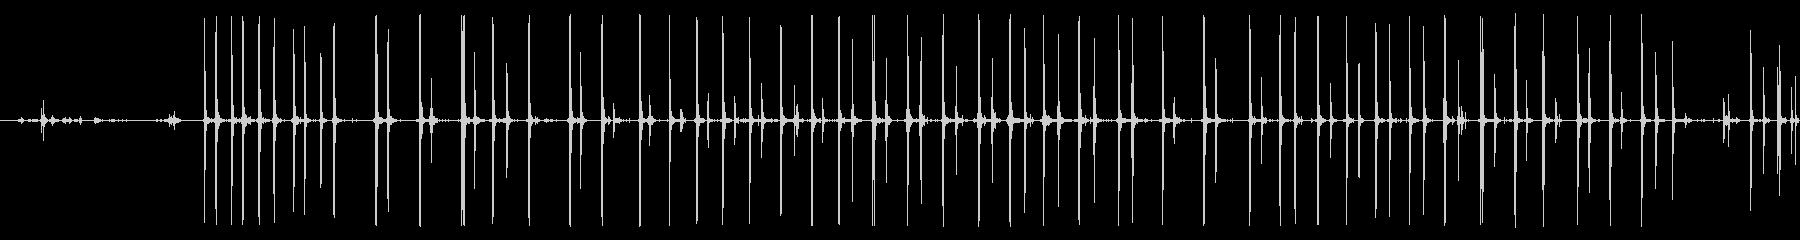 フォリー・フットステップ、スローウ...の未再生の波形